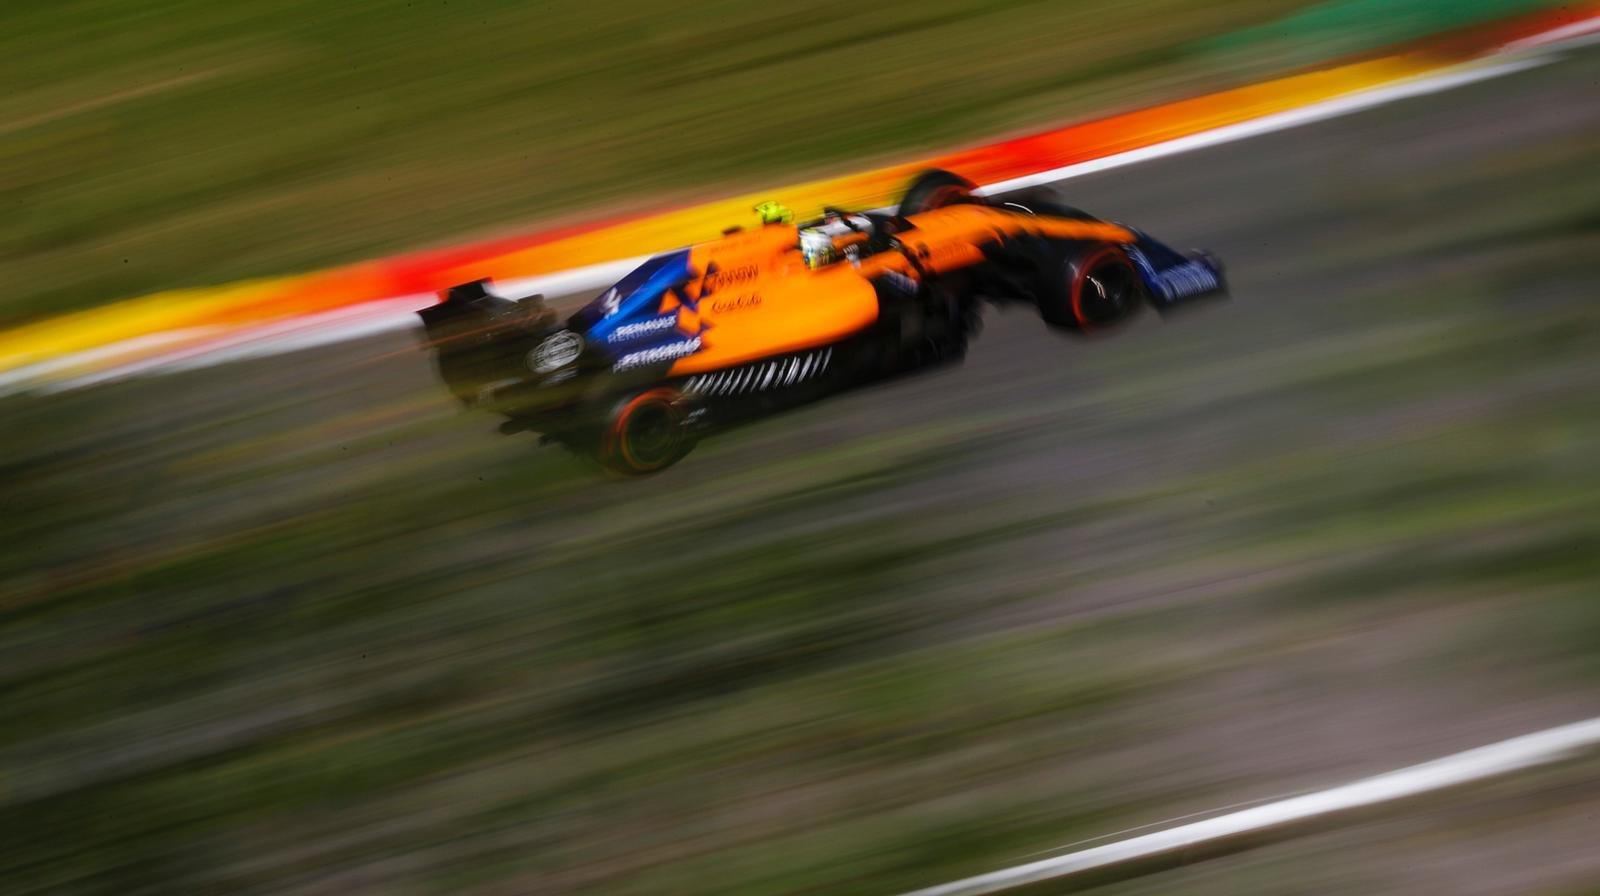 Après la Belgique, McLaren a une meilleure compréhension des domaines à améliorer 1